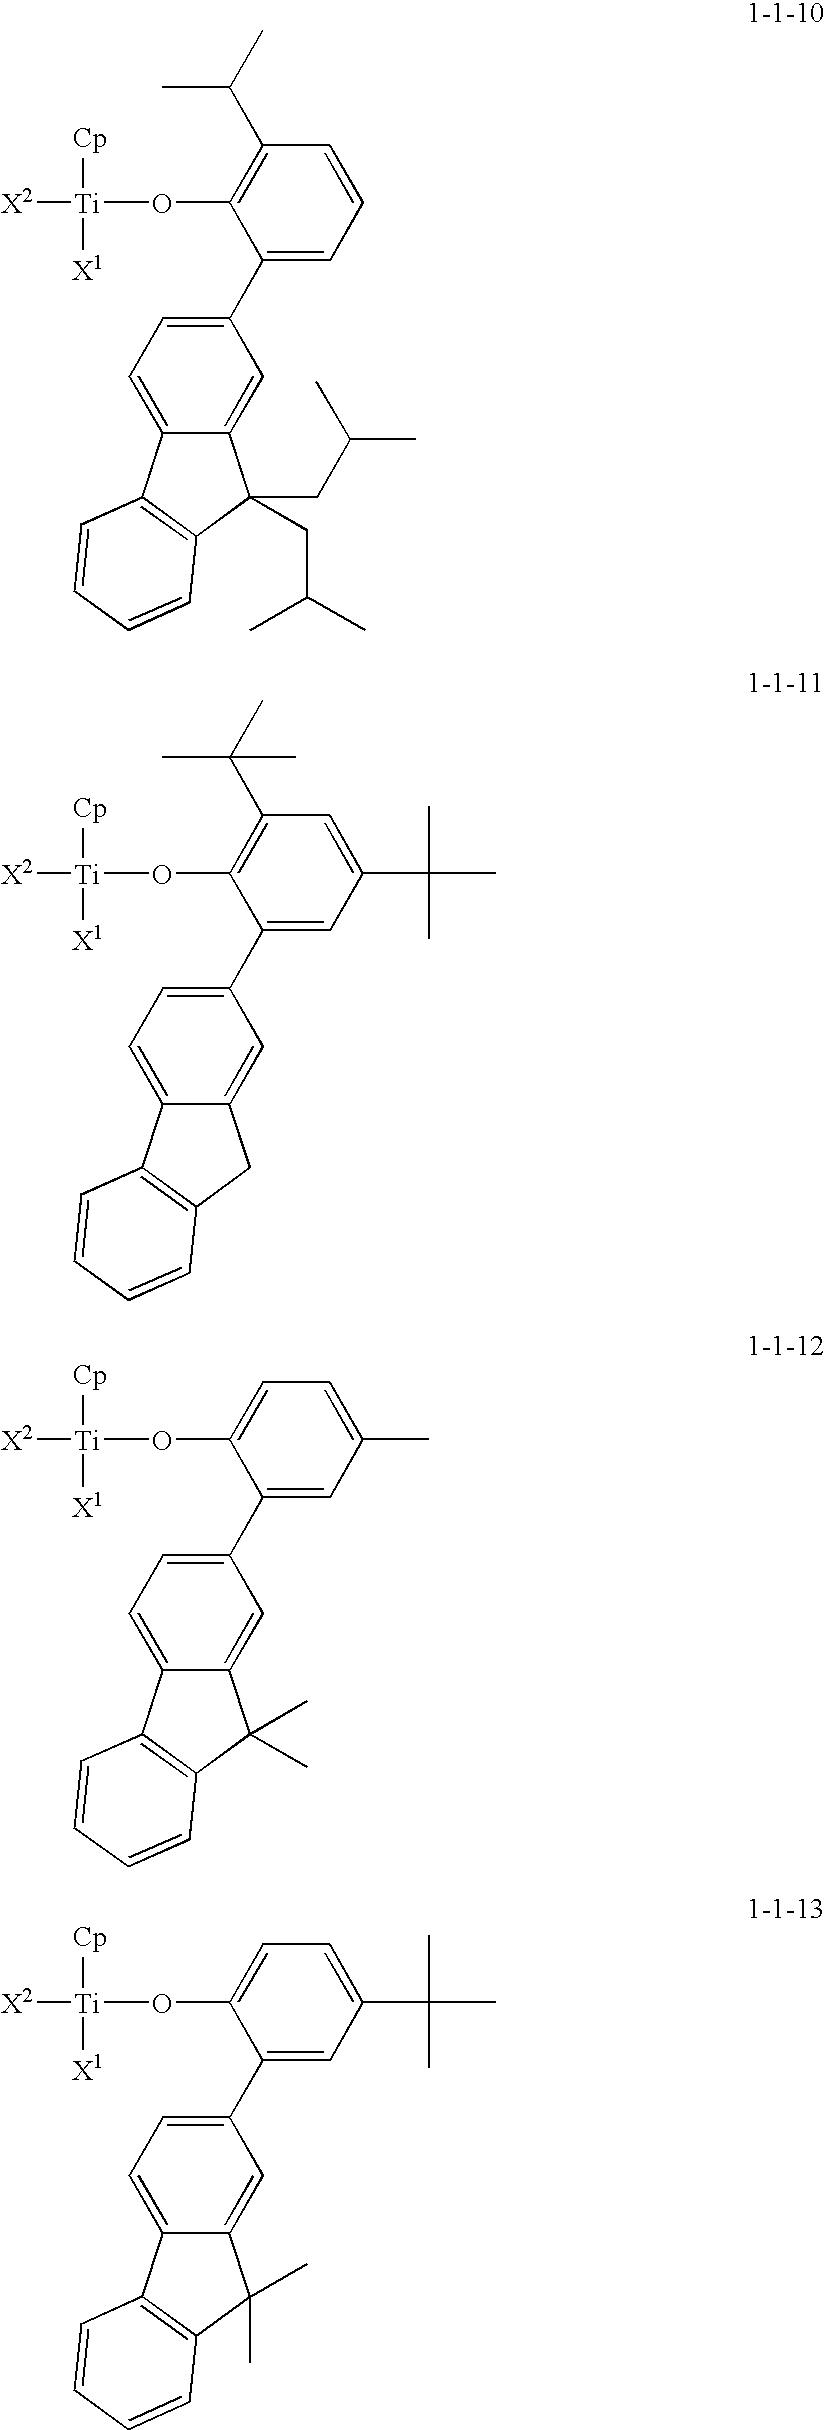 Figure US20100081776A1-20100401-C00050